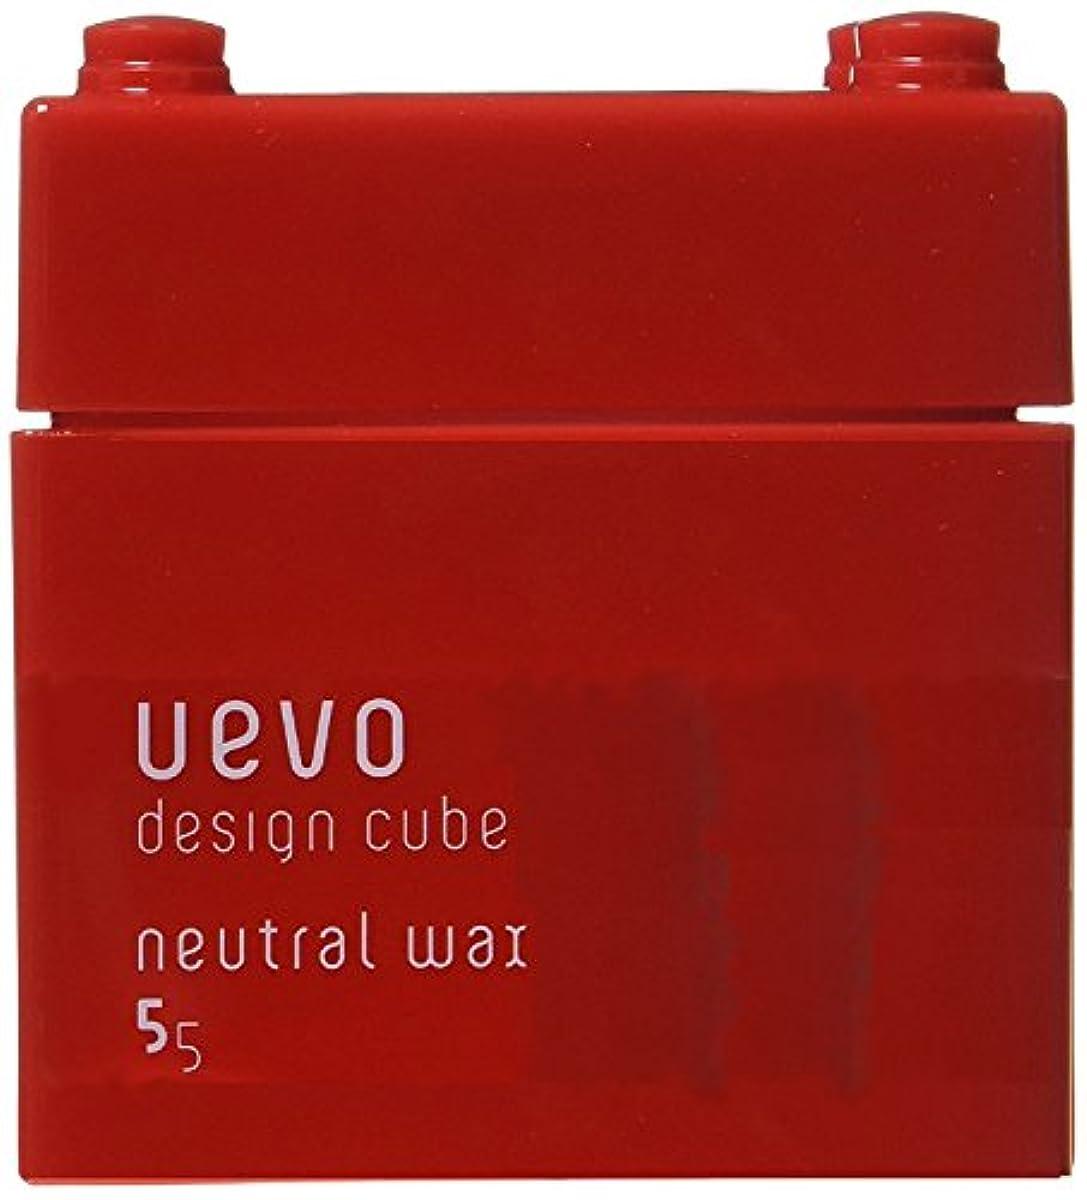 一貫性のないクレーターグリーンランドデミ?ウェーボ デザインキューブ ニュートラルワックス 80g(並行輸入品)